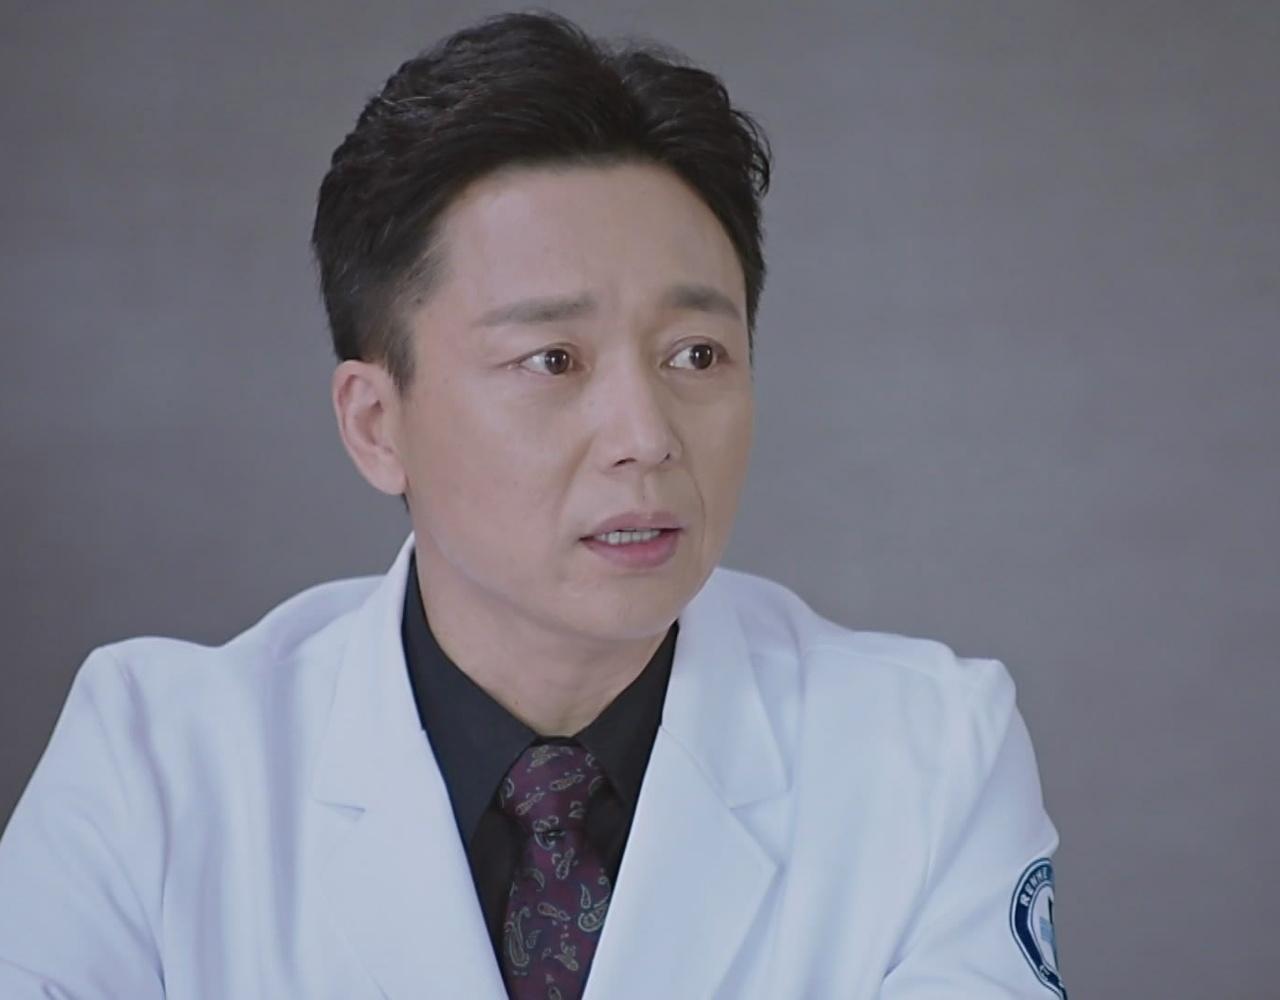 【刘奕君】扬帆 CUT19(2)